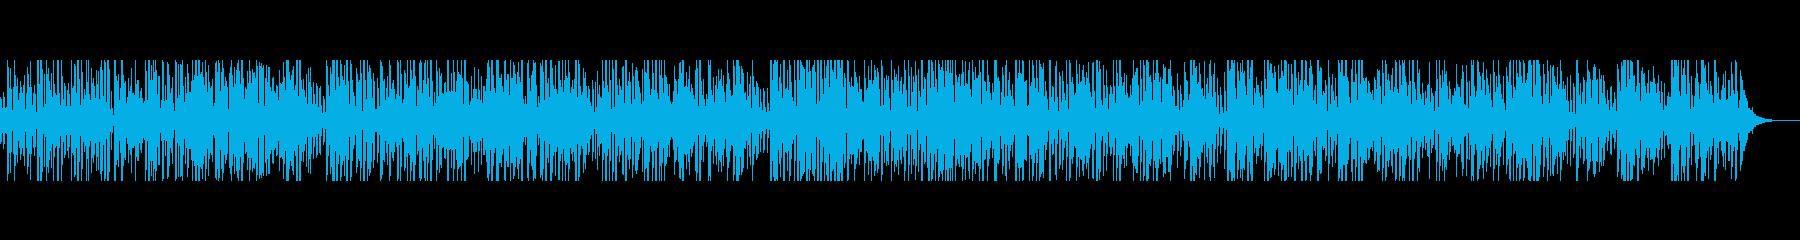 ジャズジプシーギターアドリブ演奏の再生済みの波形